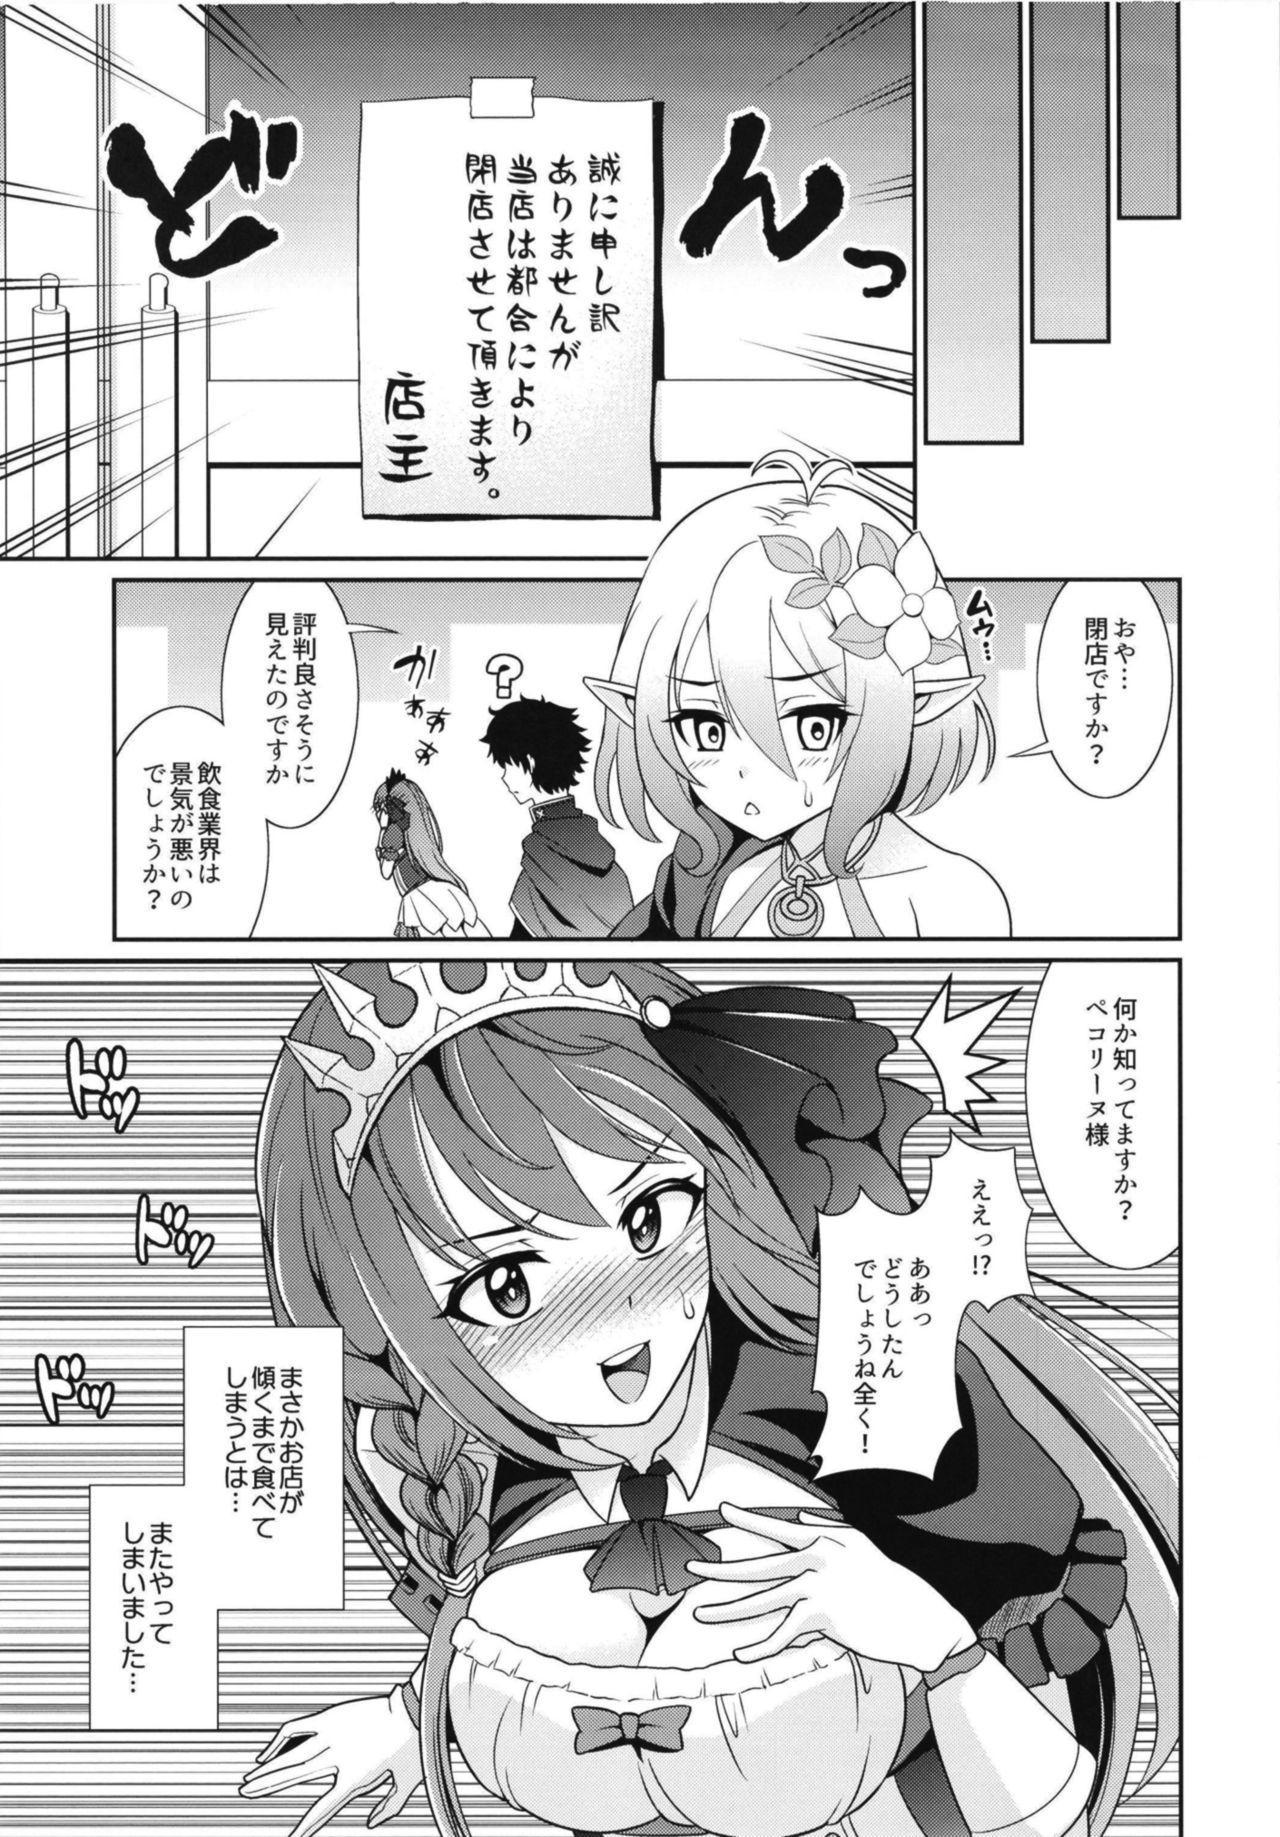 [Kurokoya (Shikigami Kuroko)] Ee~~ Hameteru Ma wa Tabehoudai desu kaa!? (Princess Connect! Re:Dive) [Digital] 20